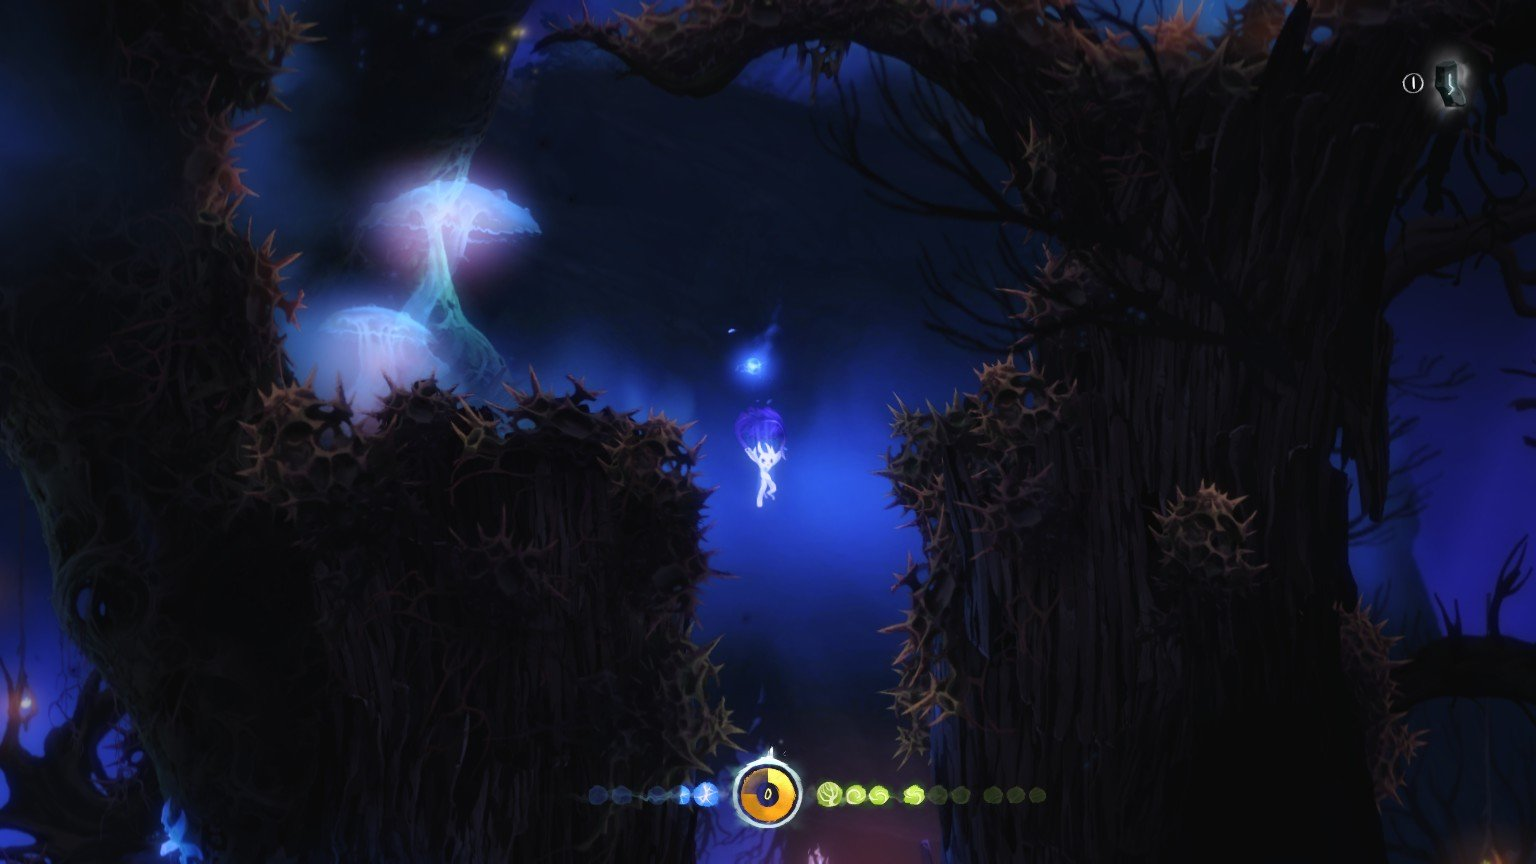 Вопль-прохождение Ori and the Blind Forest ... и тут получилось дофига скриншотов... - Изображение 18